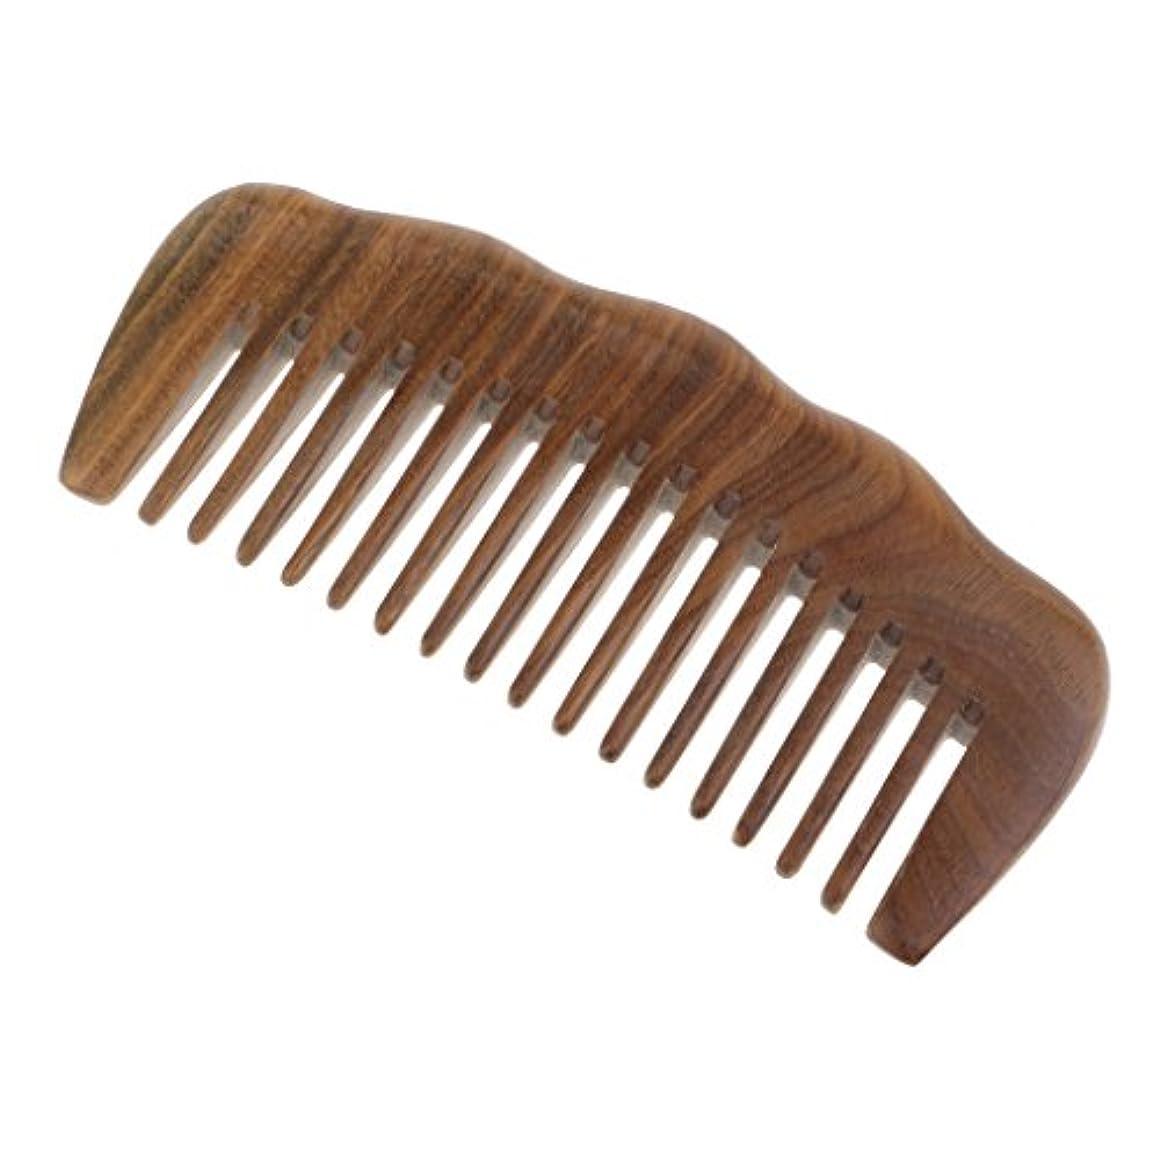 ジャム息切れライムToygogo 緑のサンダルウッドの毛の櫛-巻き毛のための広い歯の木製のもつれの櫛-静的な自然な香りの木材の櫛